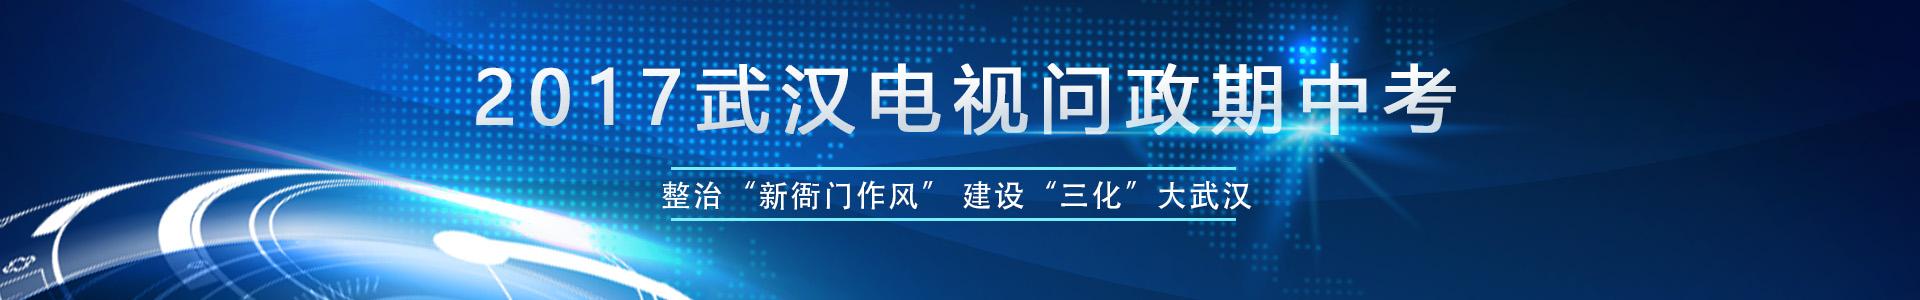 2017武汉电视问政期中考111.jpg